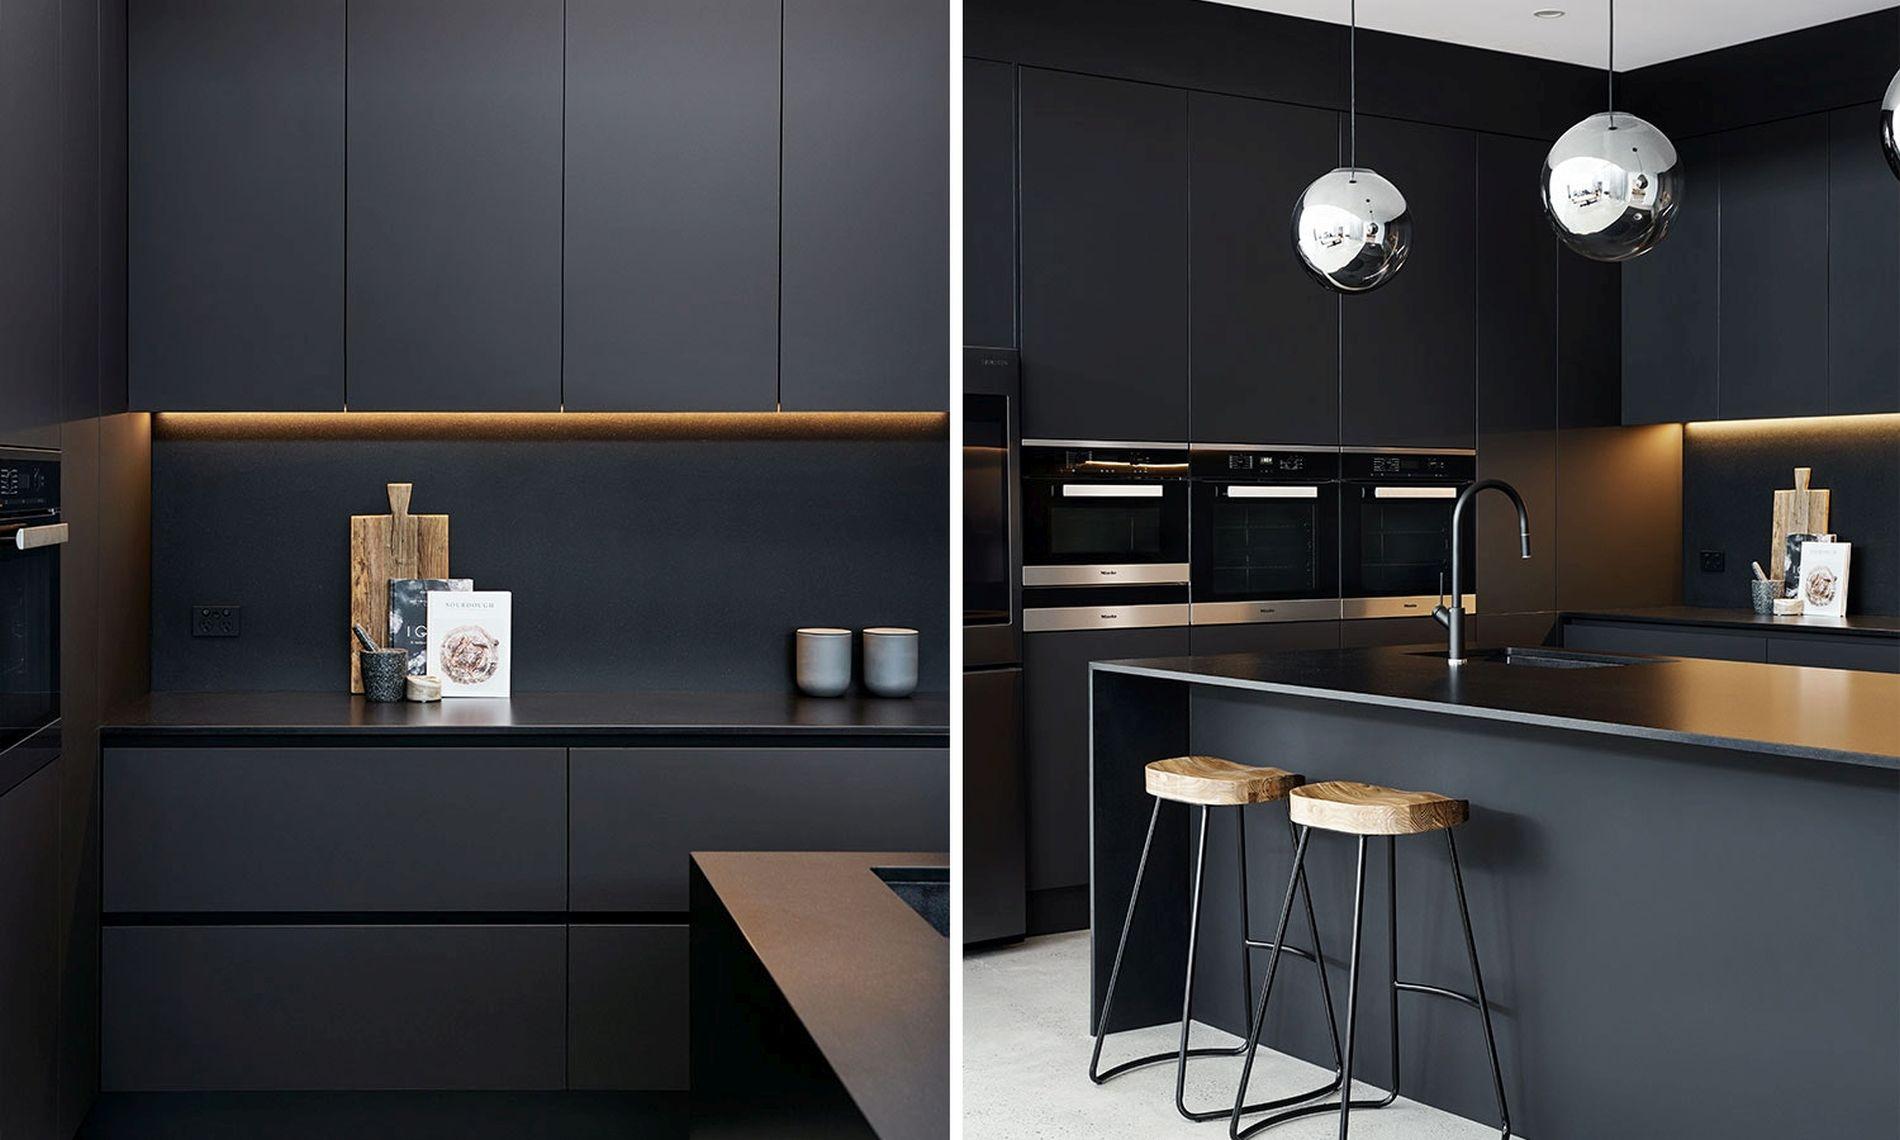 kitchen quartz worktop